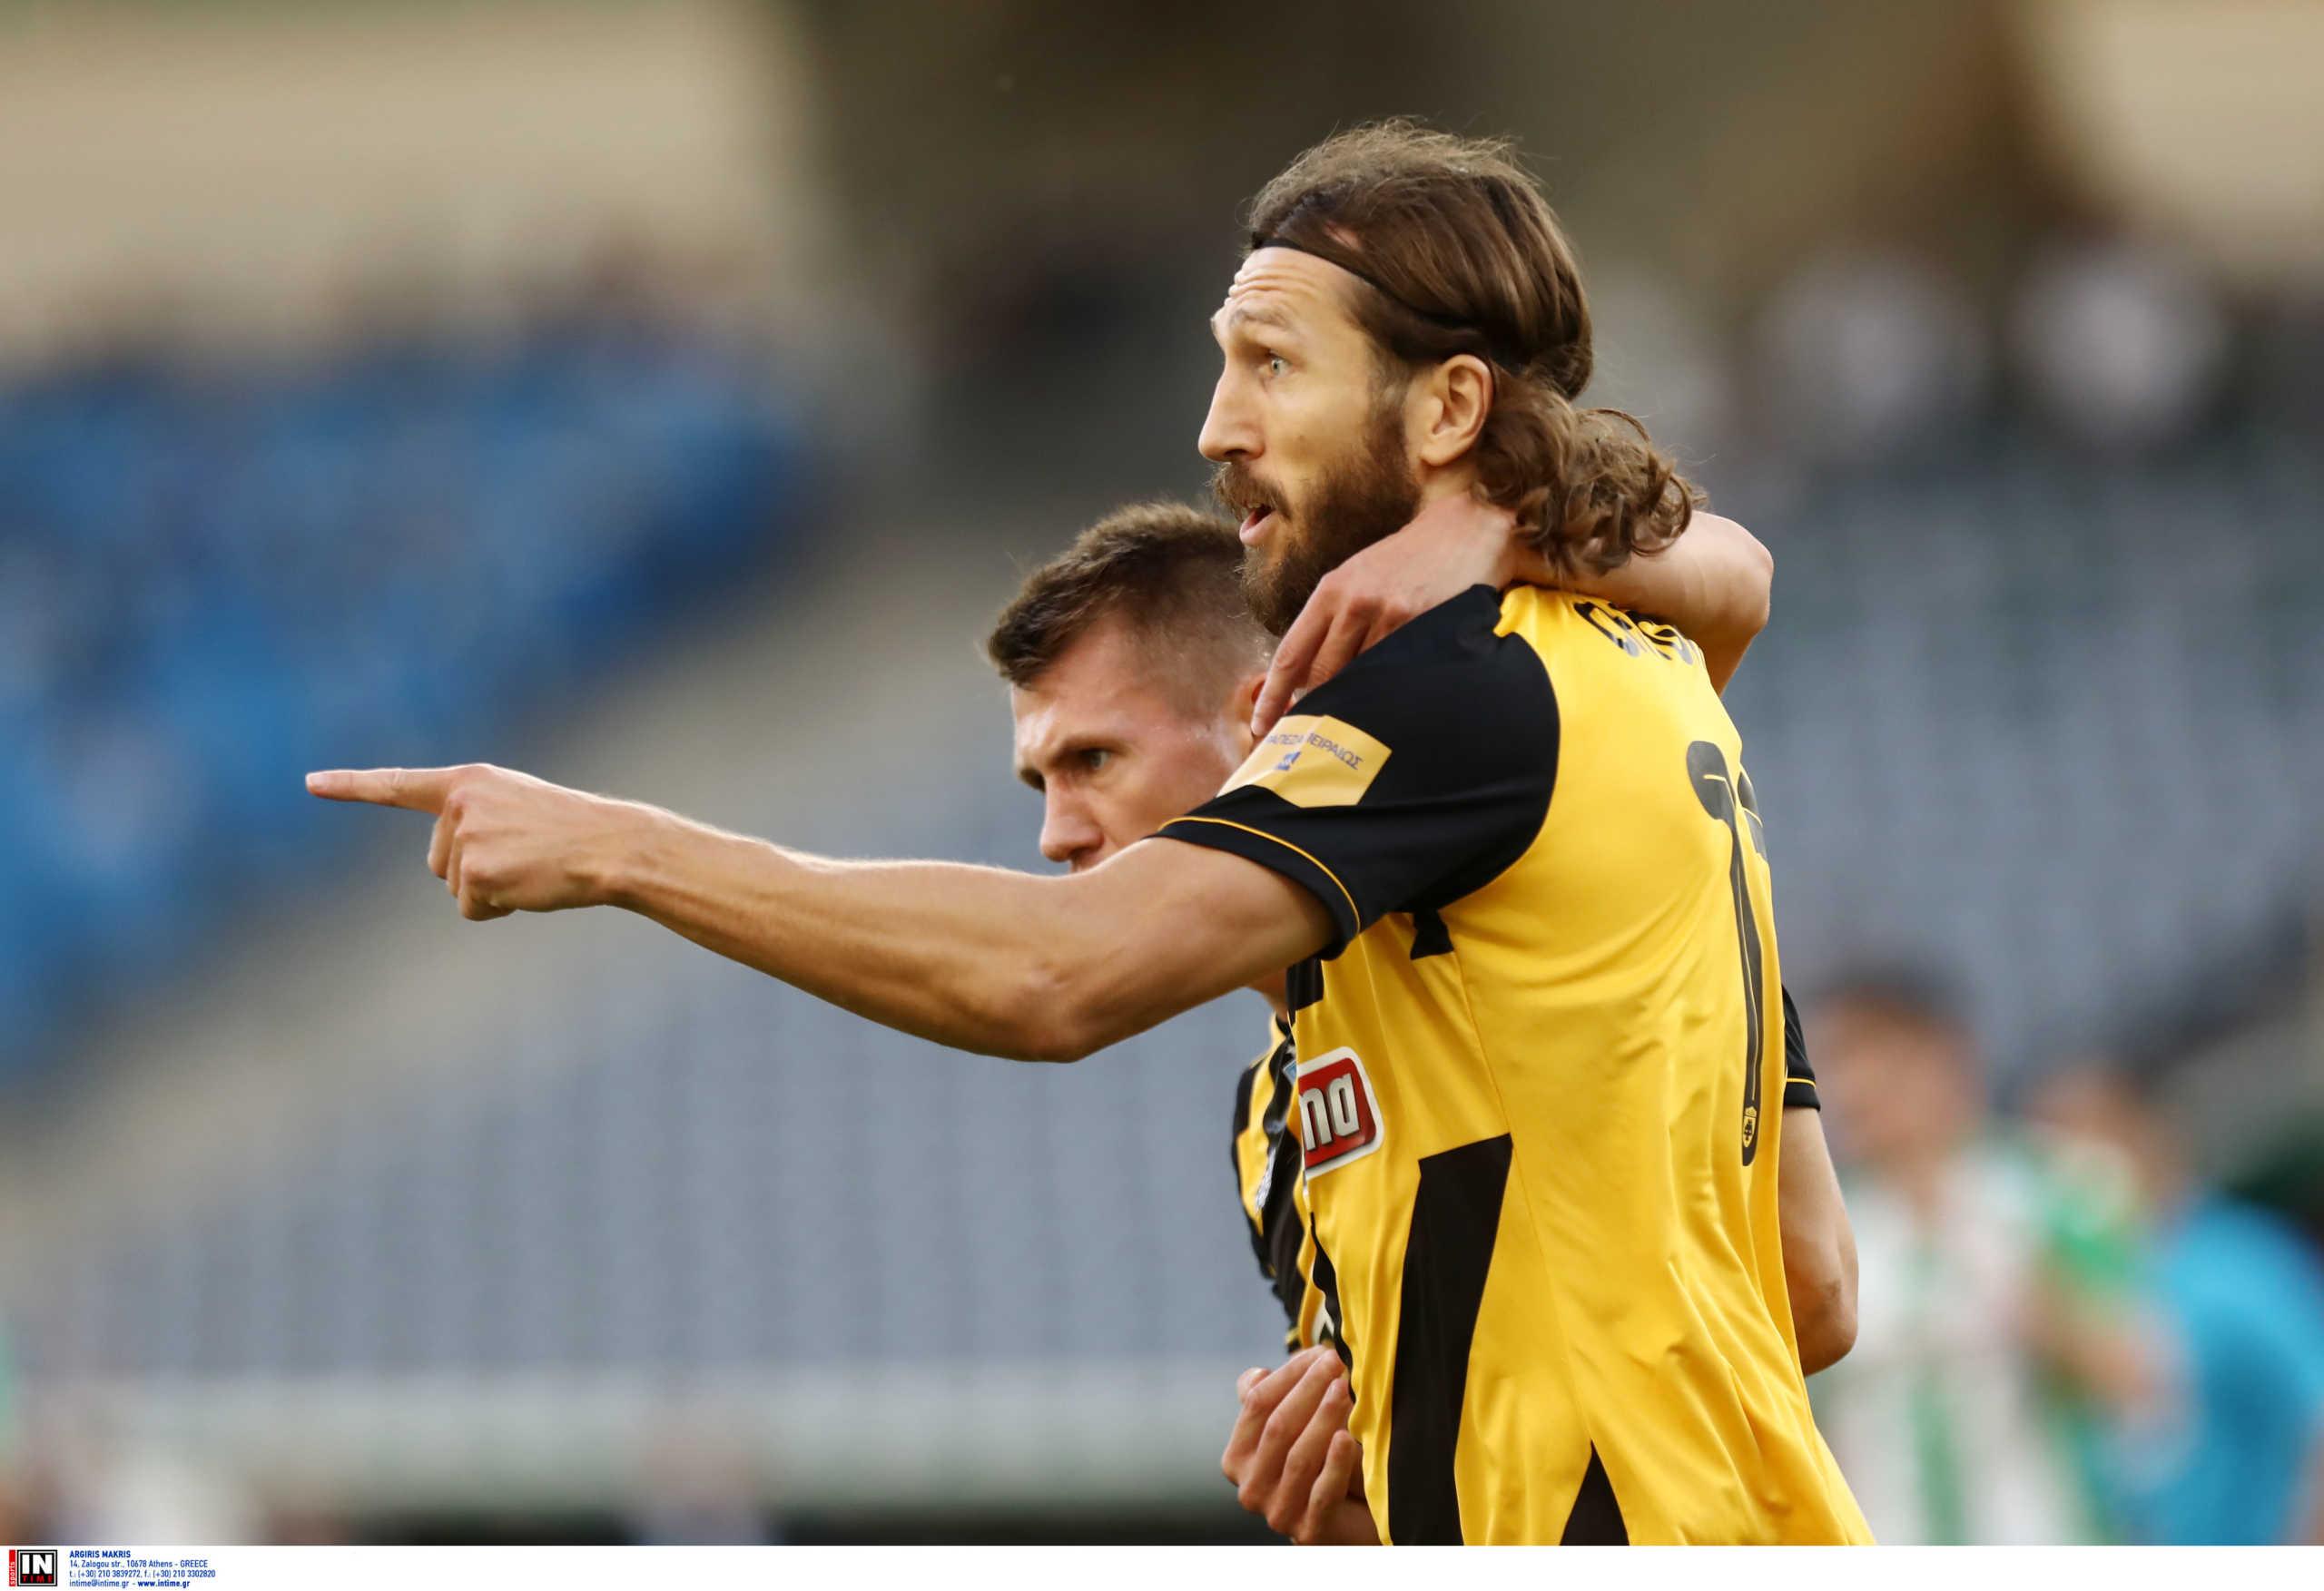 Η ΑΕΚ θέλει να δώσει στον Τσιγκρίνσκι πόστο στην ομάδα